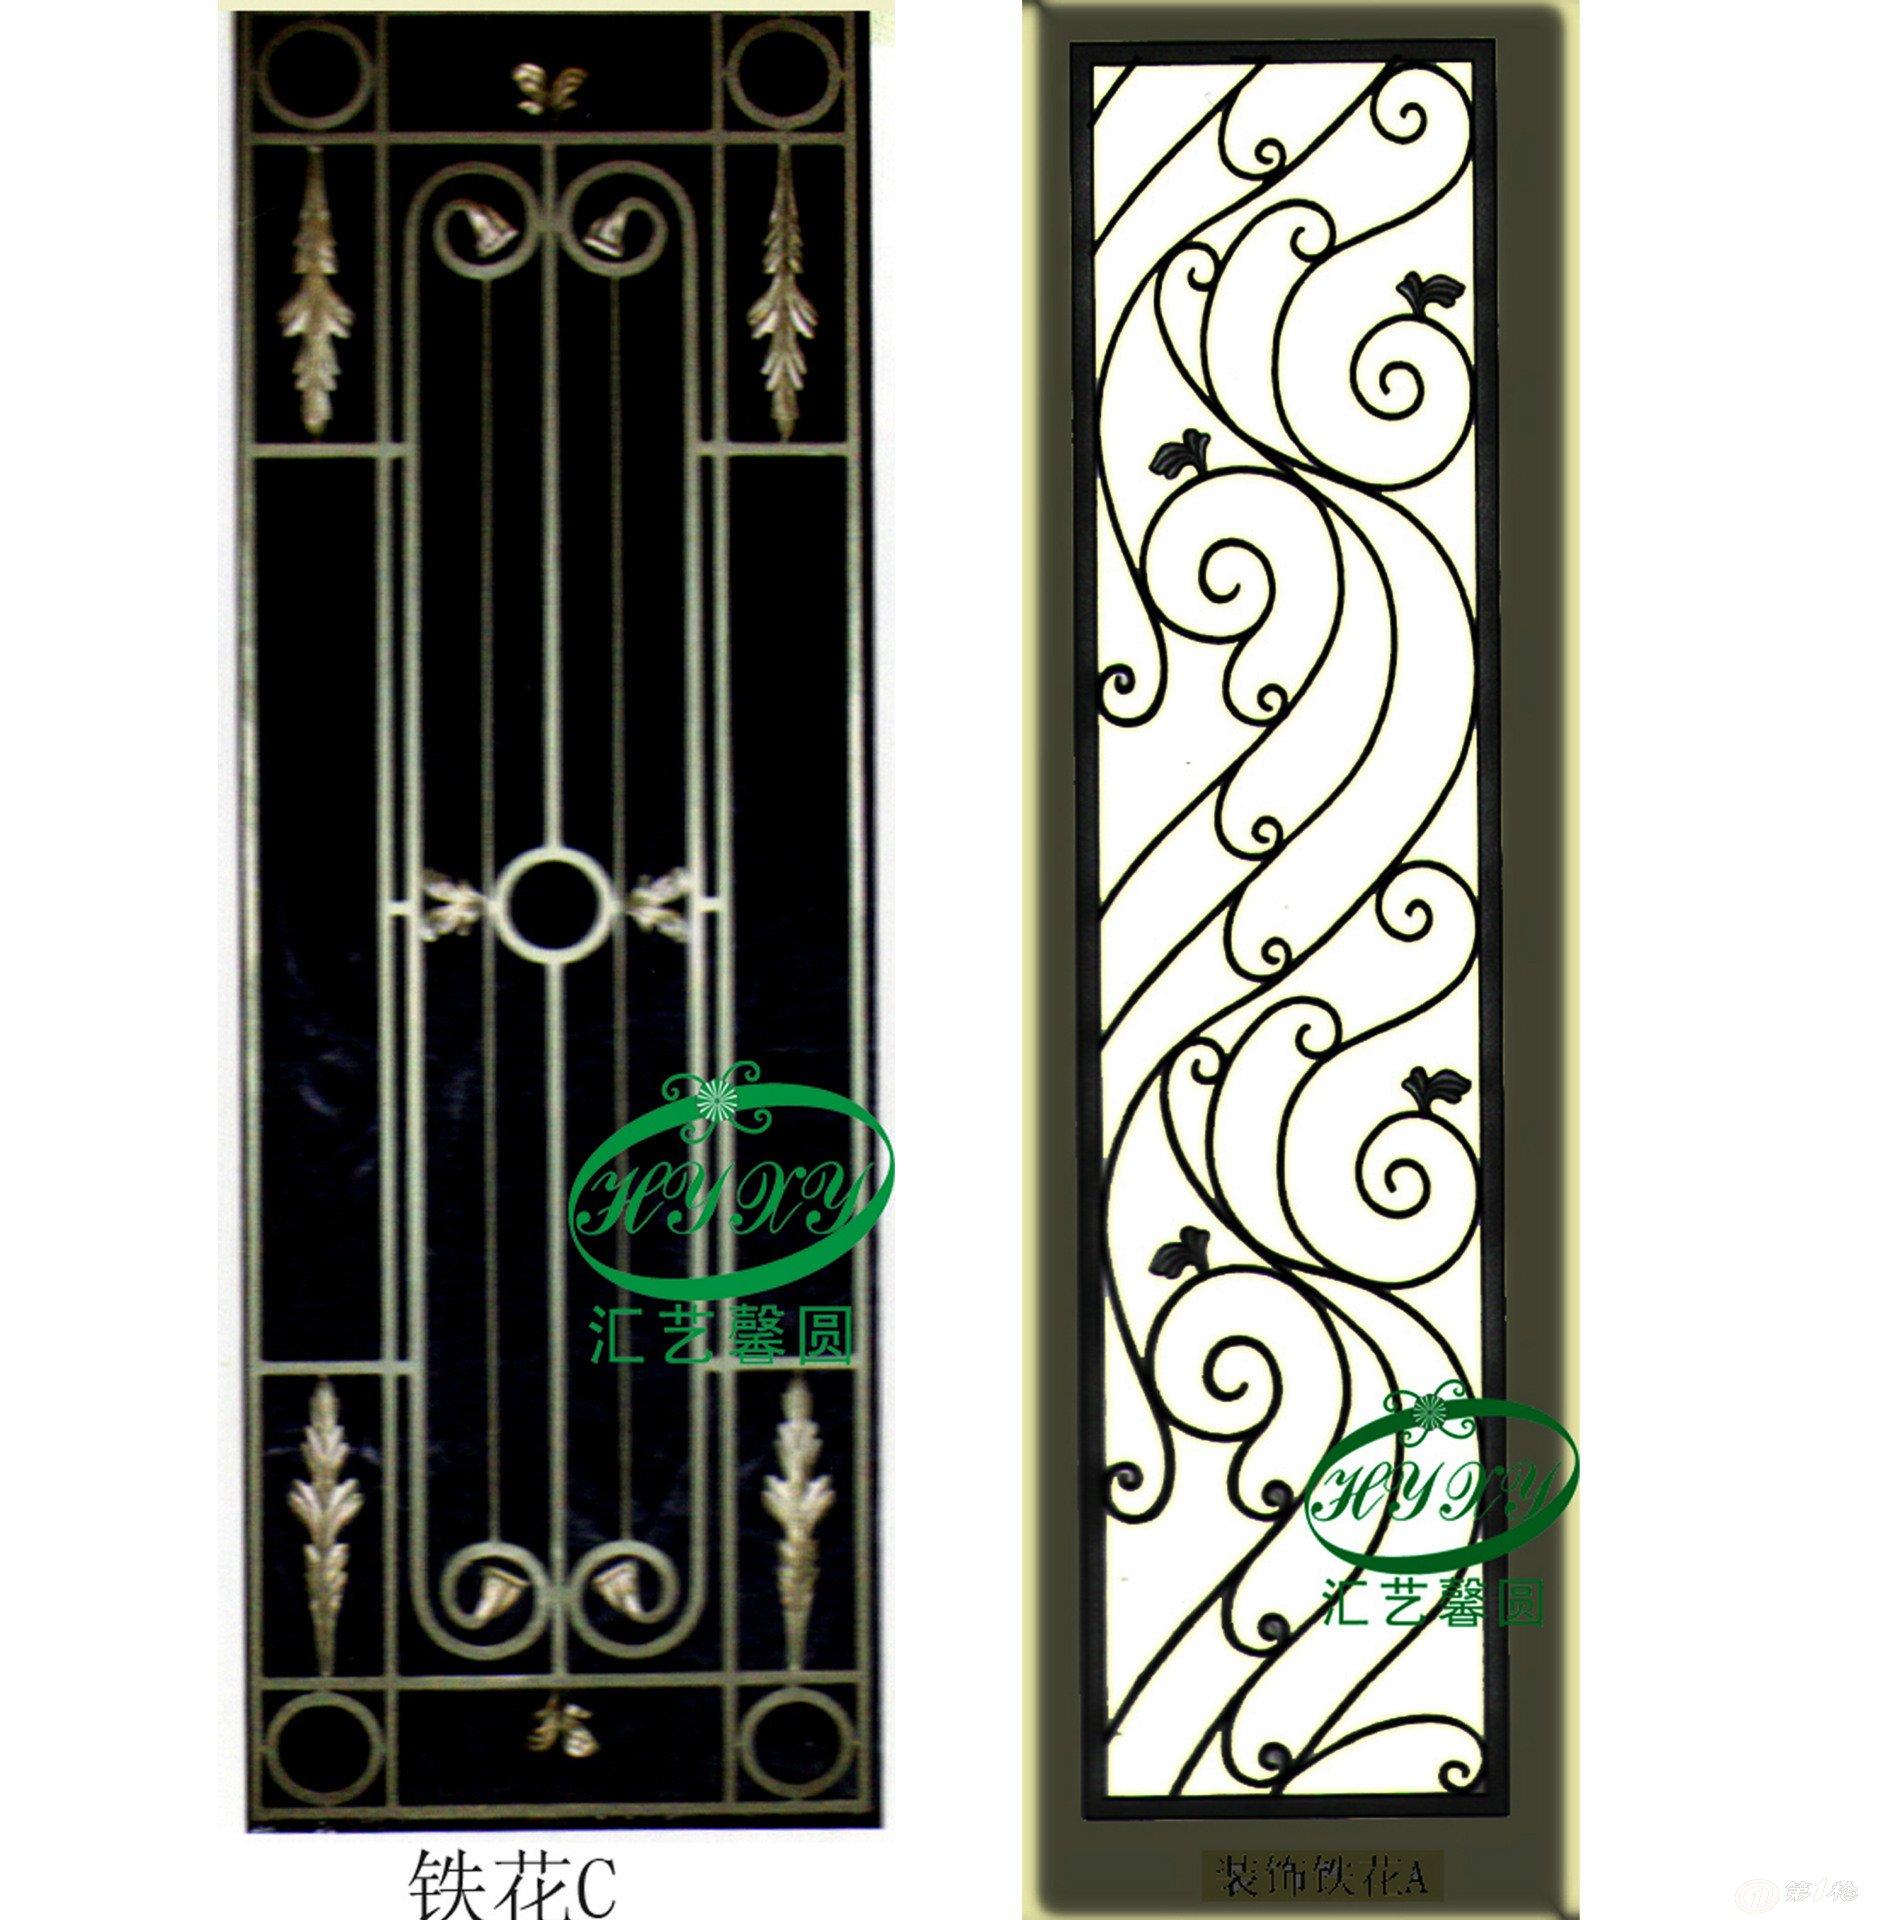 专业设计铁艺屏风隔断,隔断屏风花格等客厅装饰件